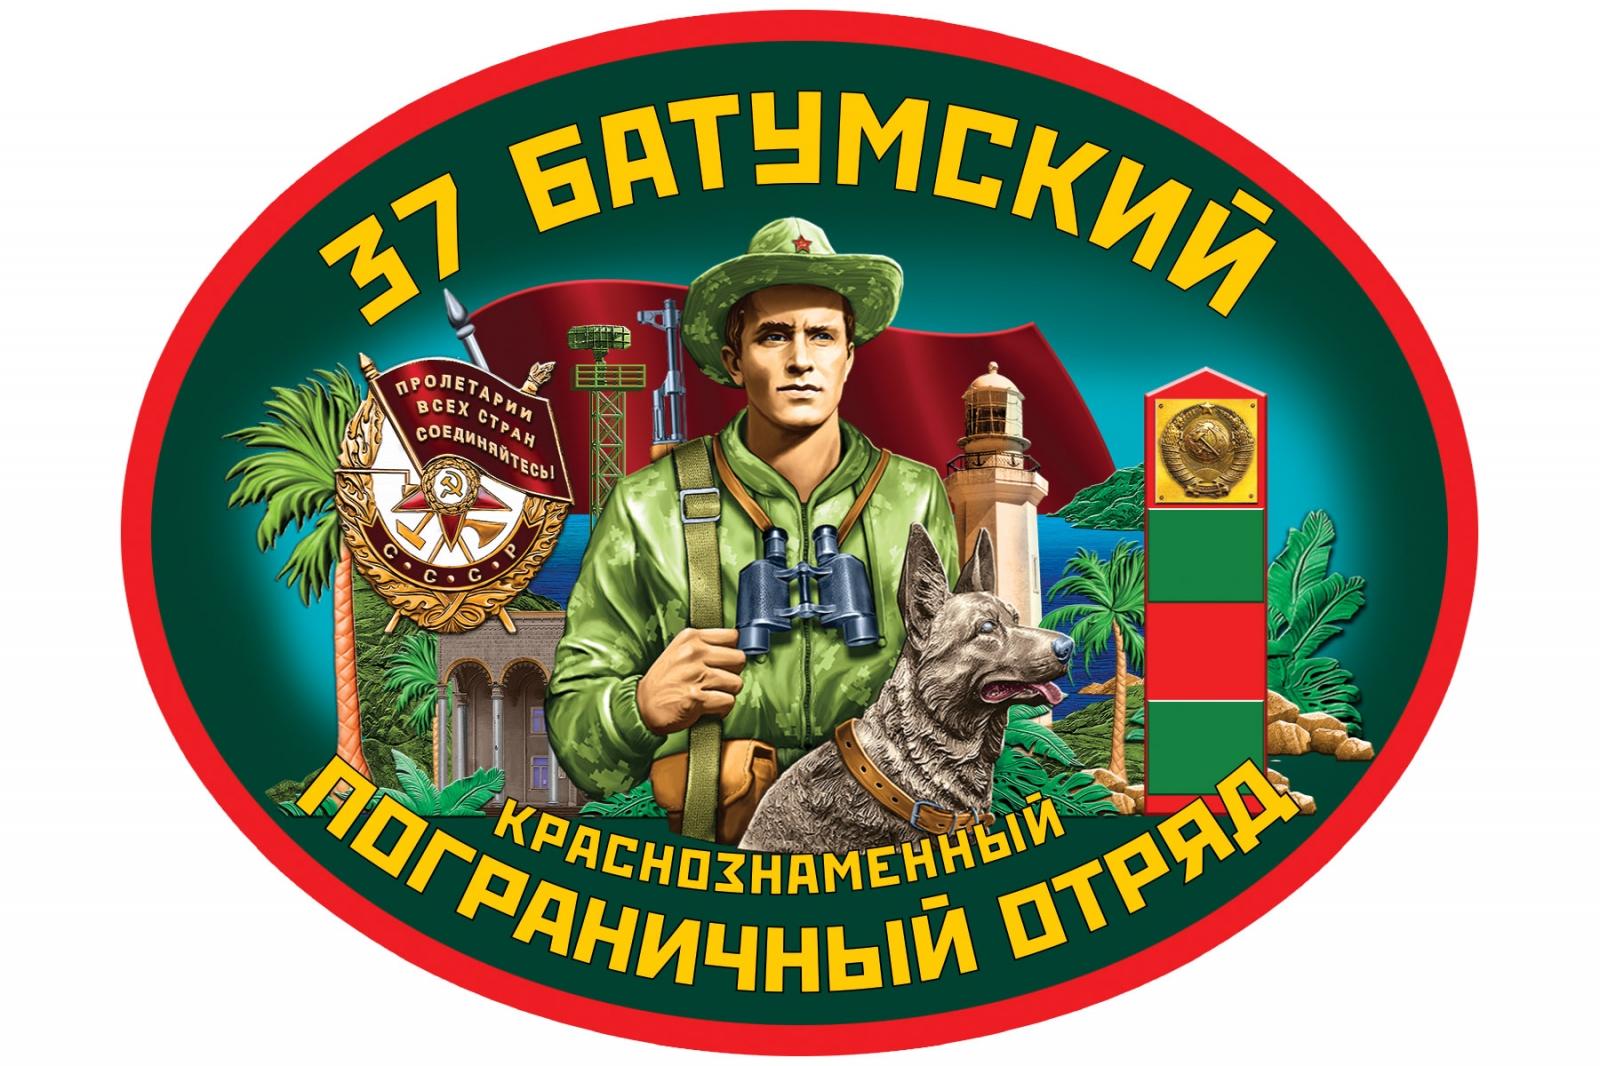 Наклейка на машину 37 Батумского пограничного отряда